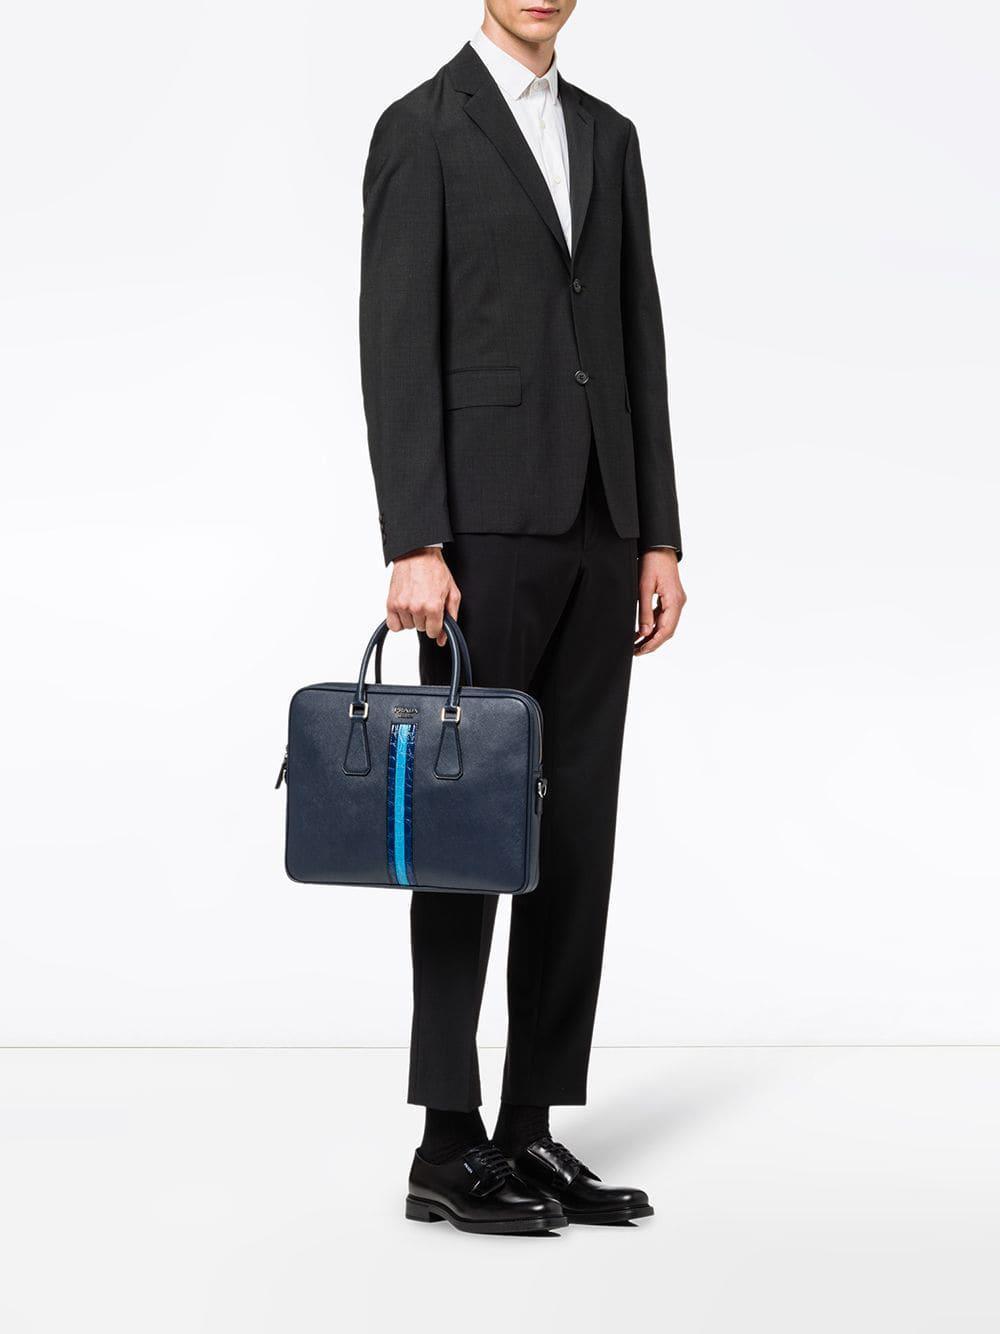 Lyst - Prada Logo Zipped Laptop Bag in Blue for Men 205f25e697c42